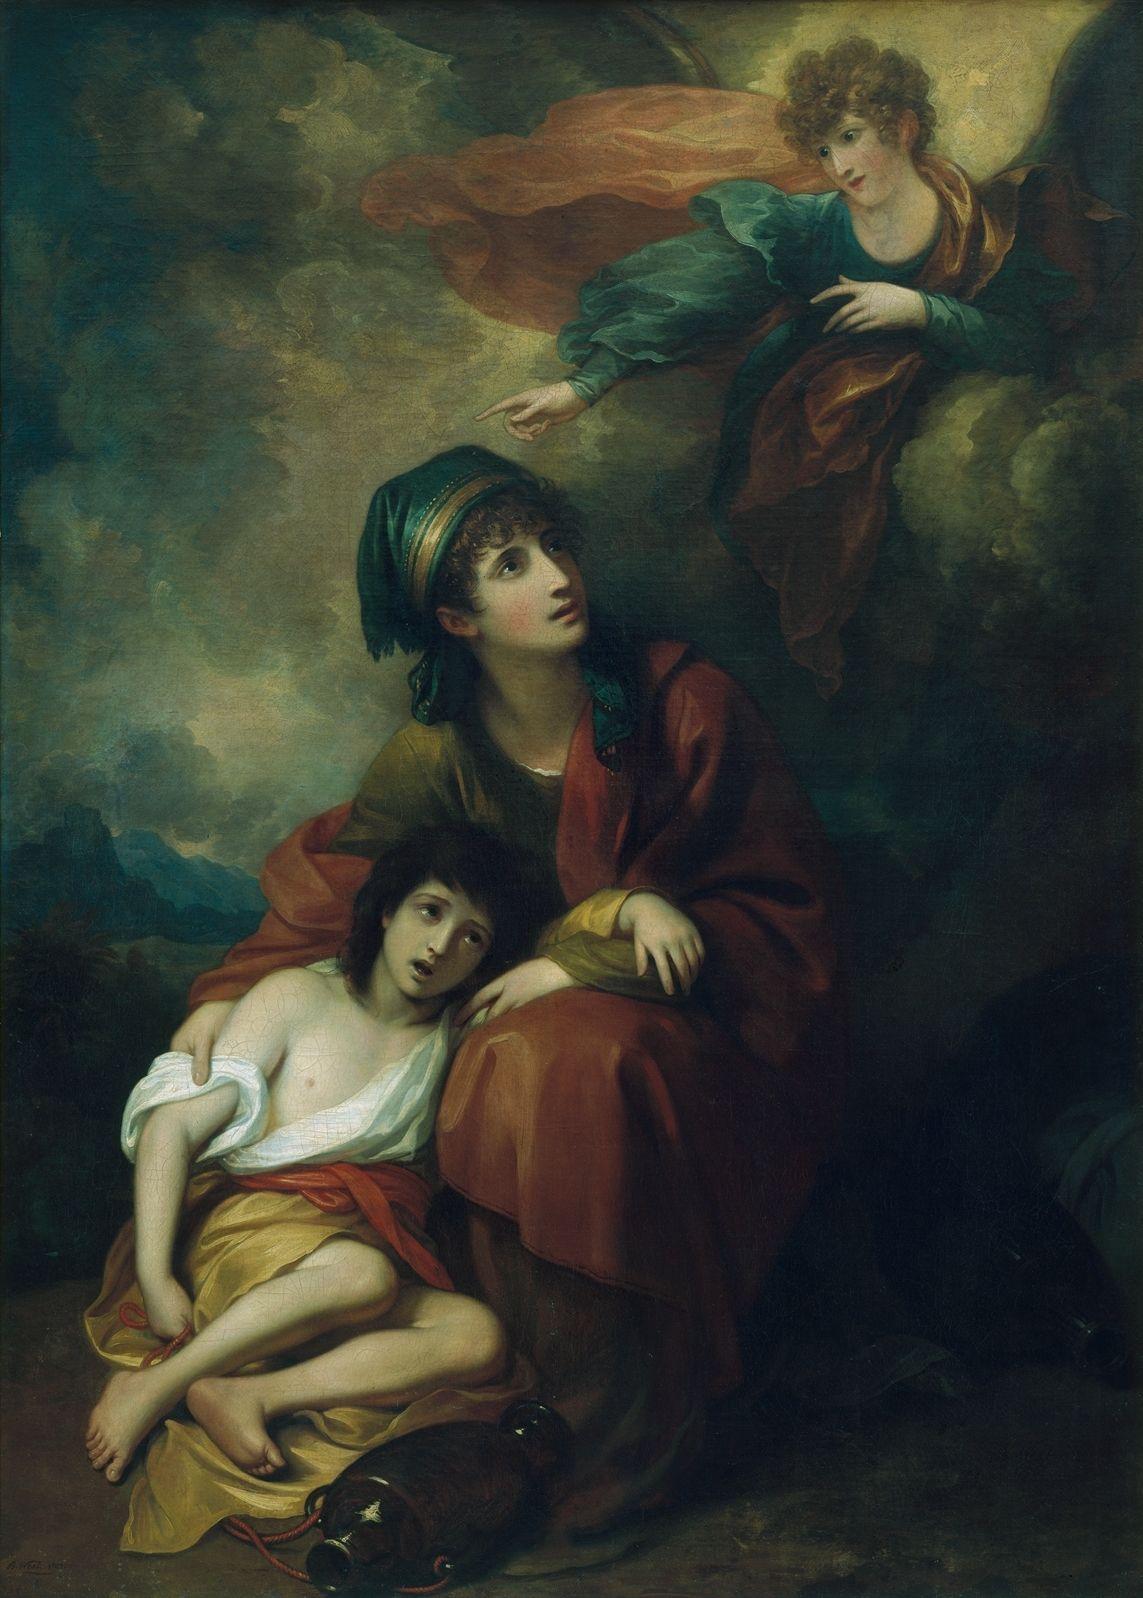 Hagar and Ishmael by Benjamin West